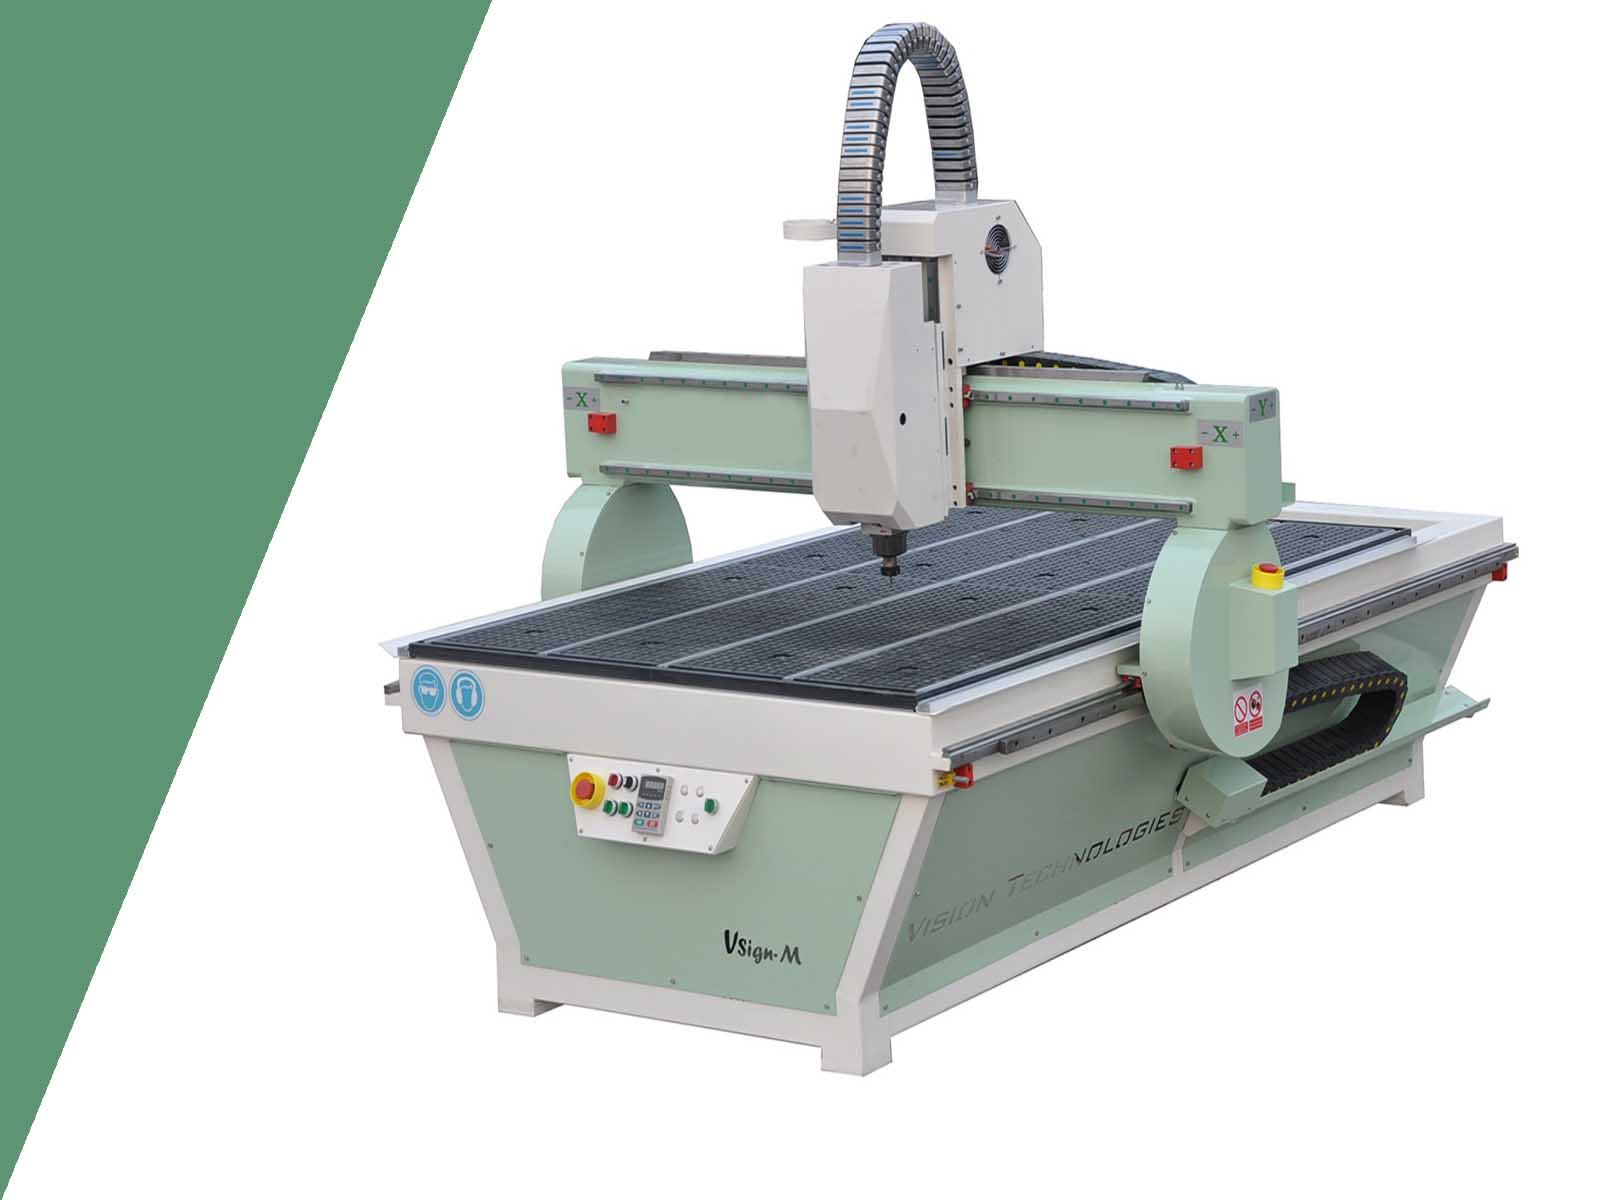 Machine-CNC Vsign-M-Vision-technologies